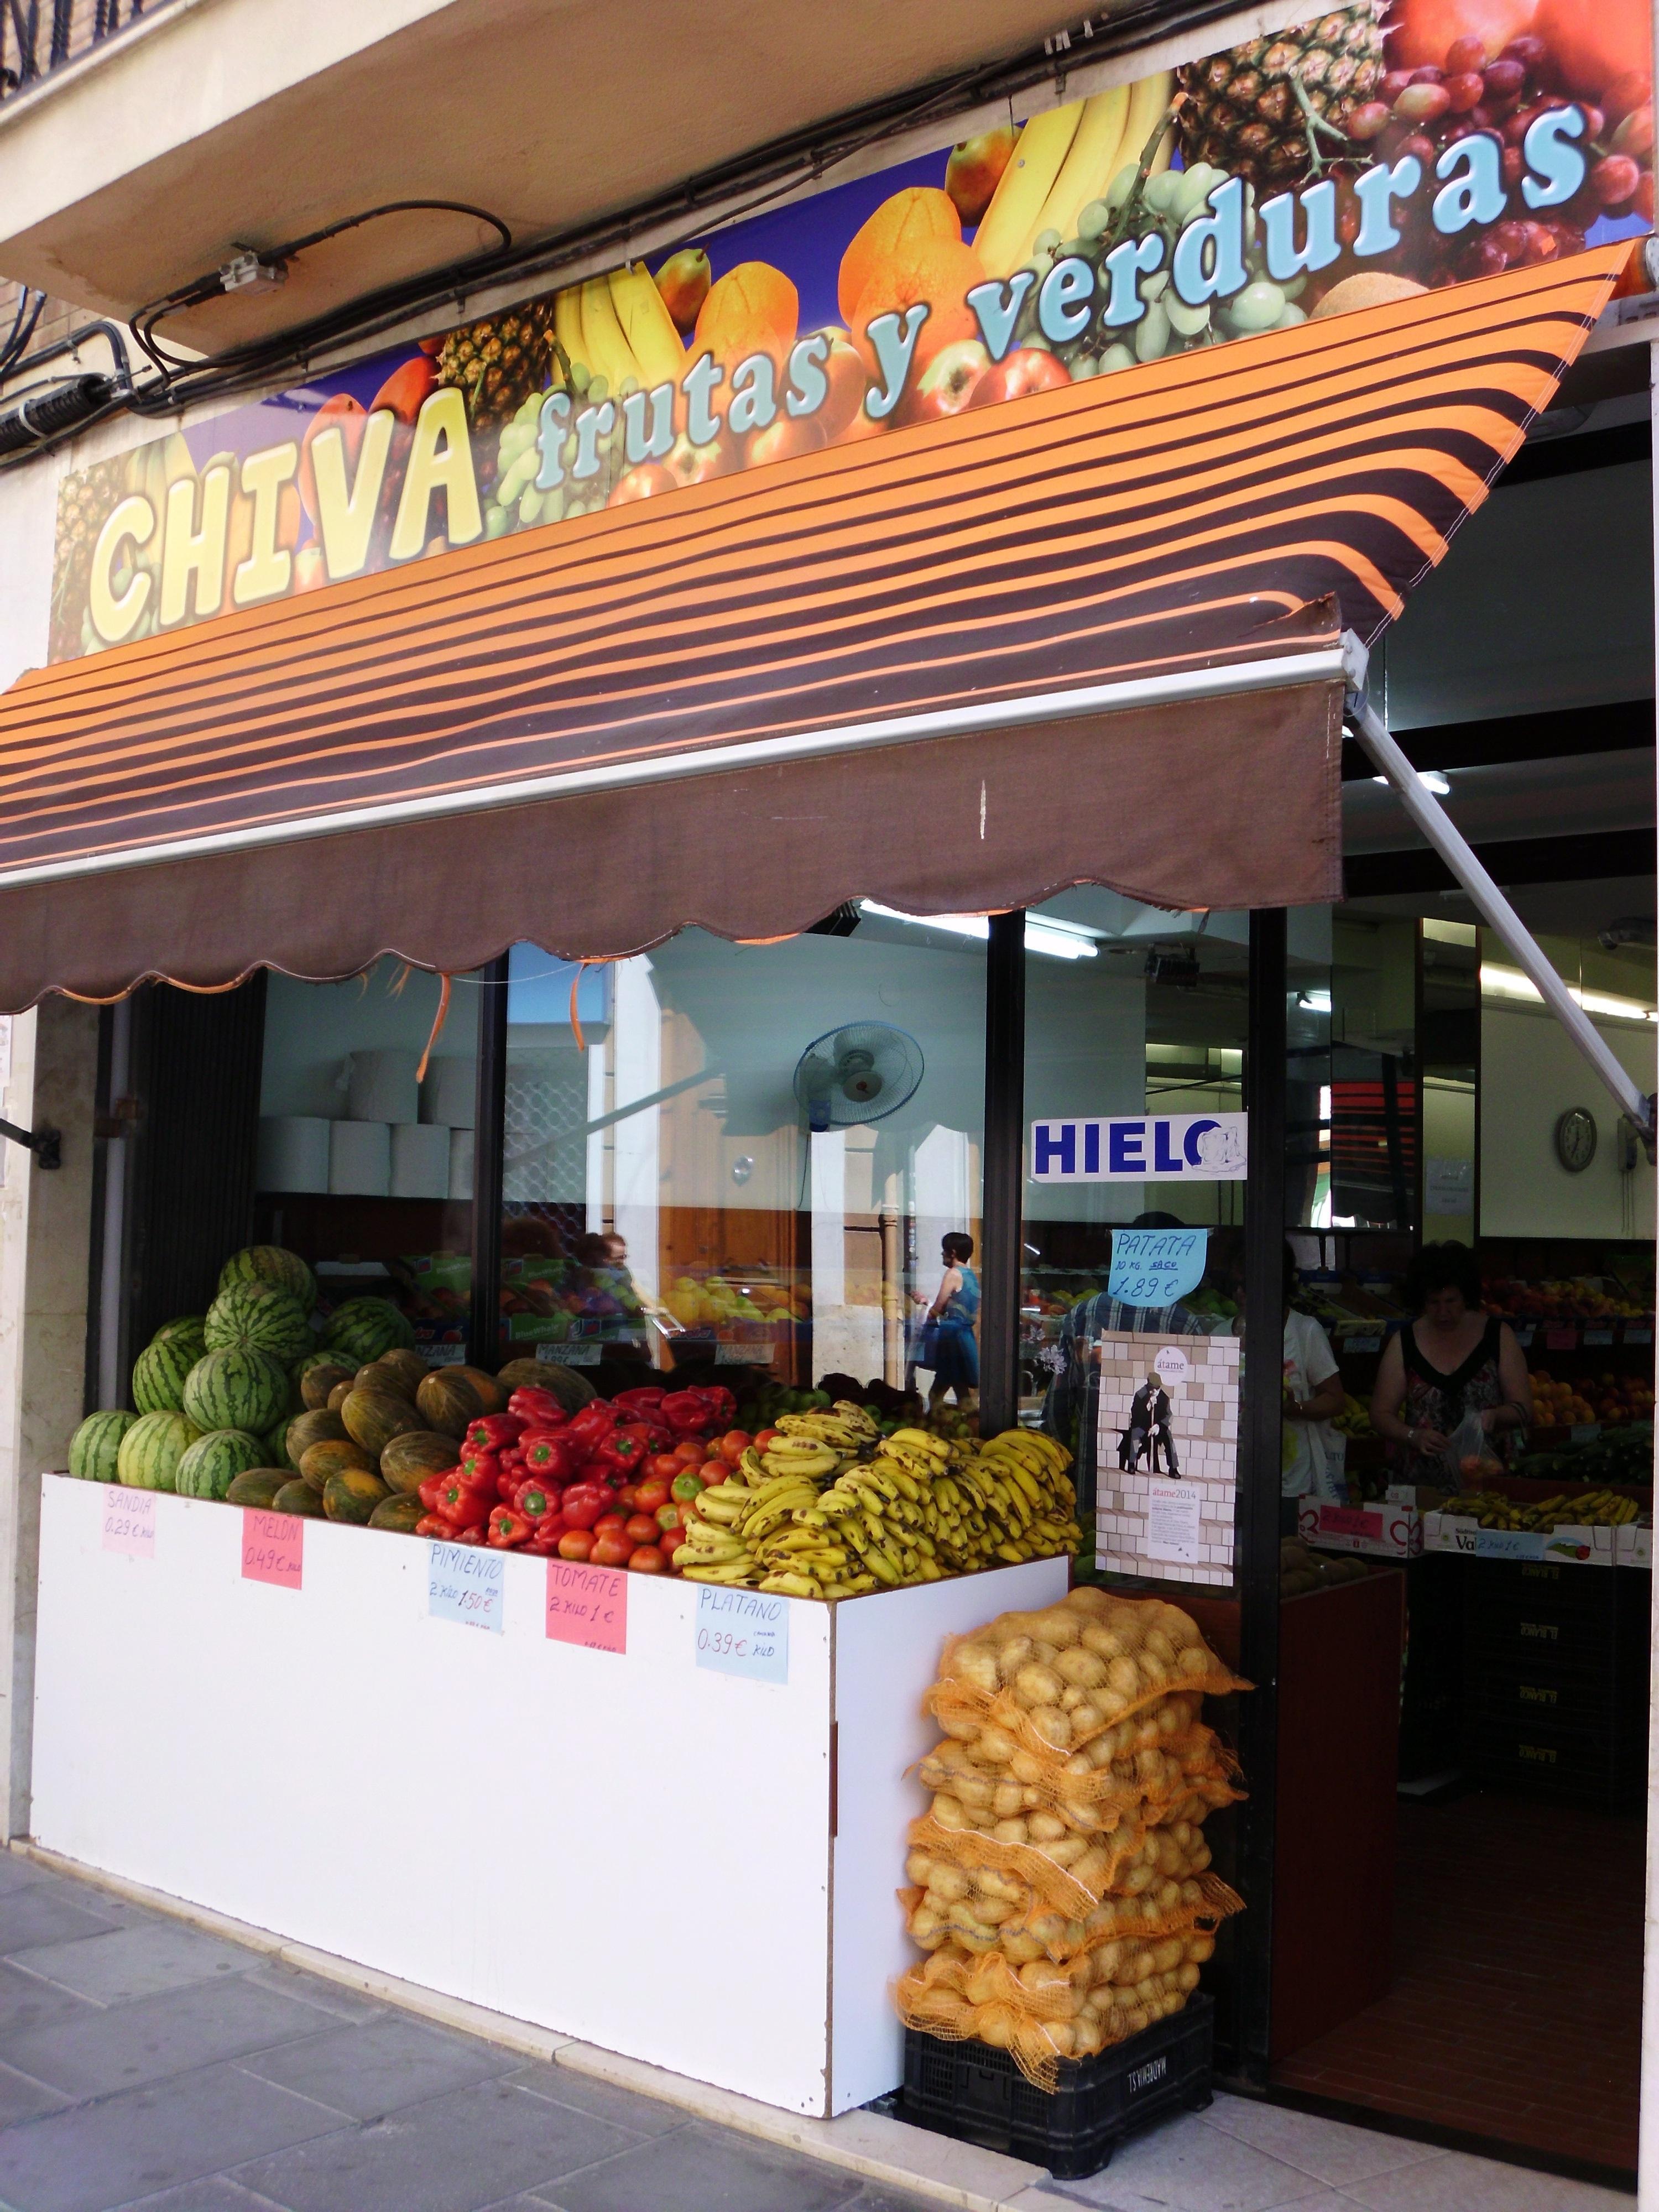 FRUTAS CHIVA